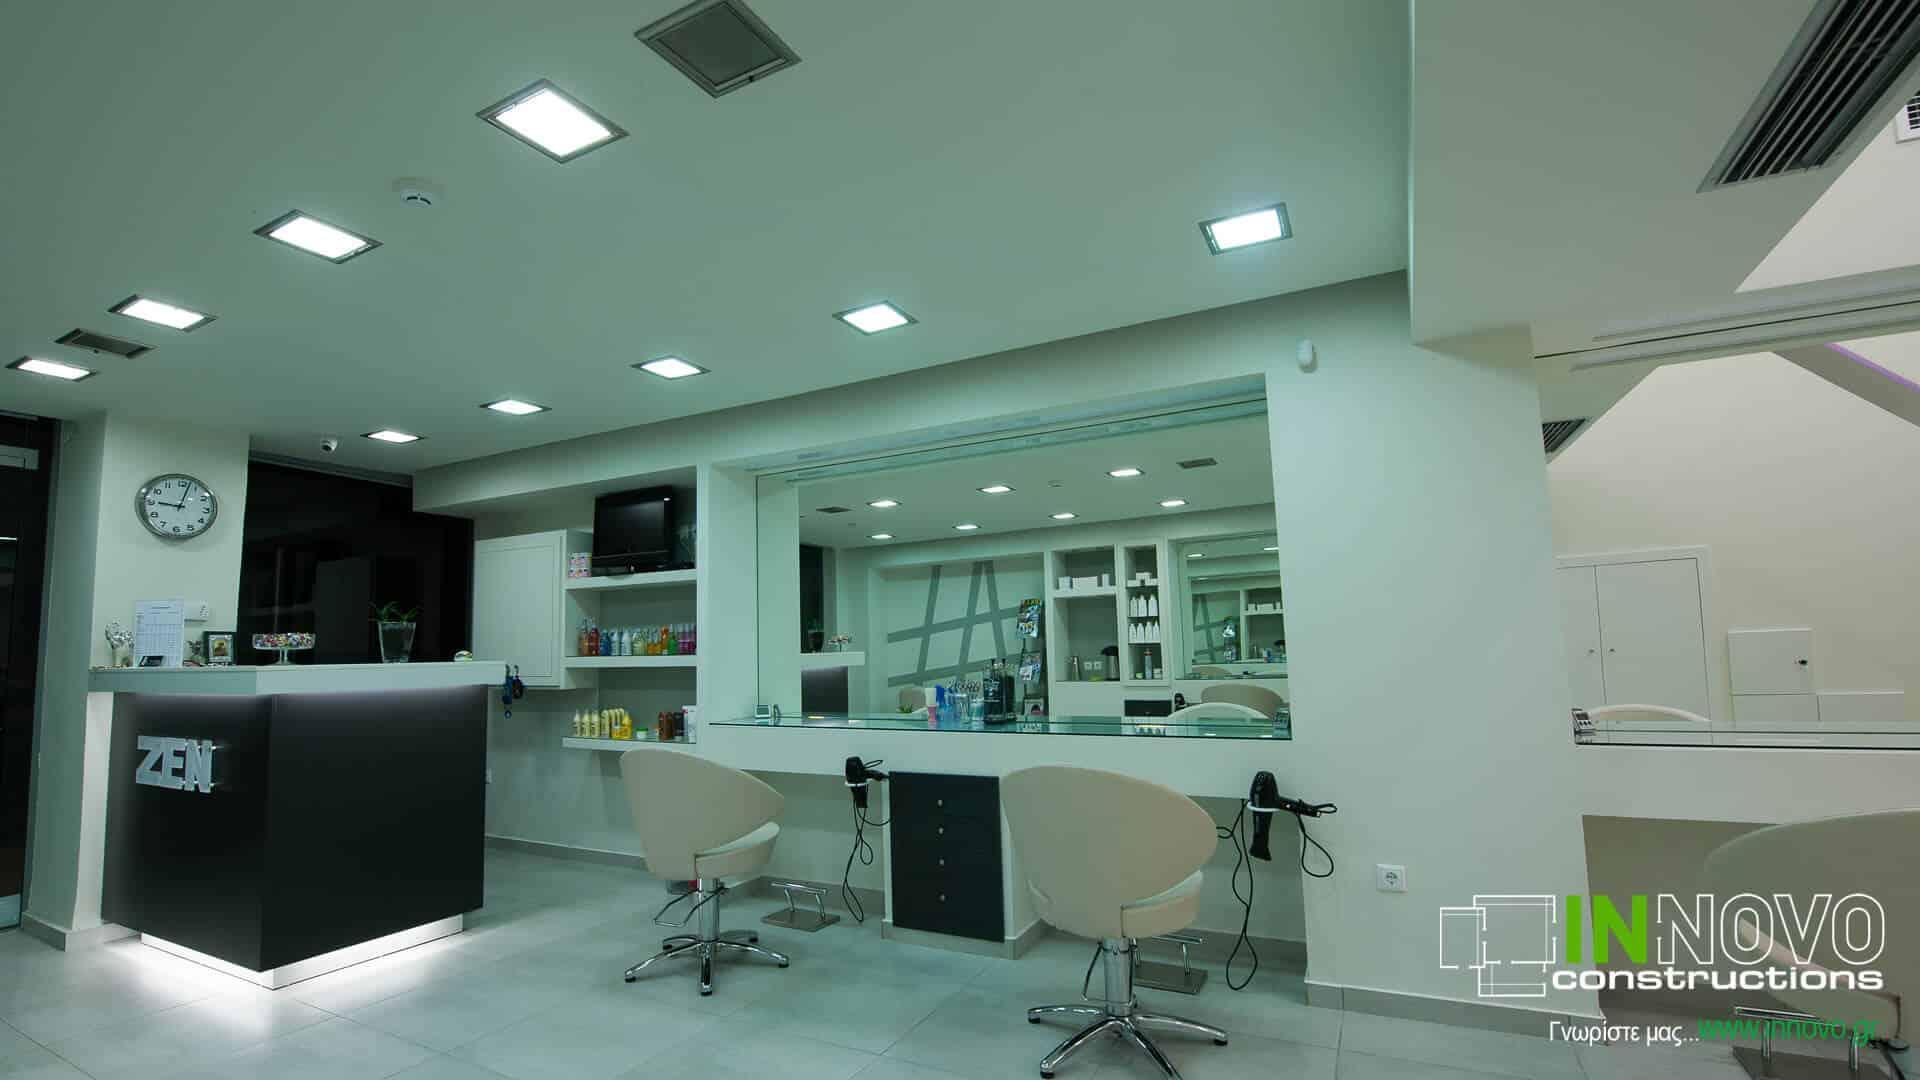 kataskevi-kommotiriou-hairdressers-construction-kommotirio-renti-1365-9